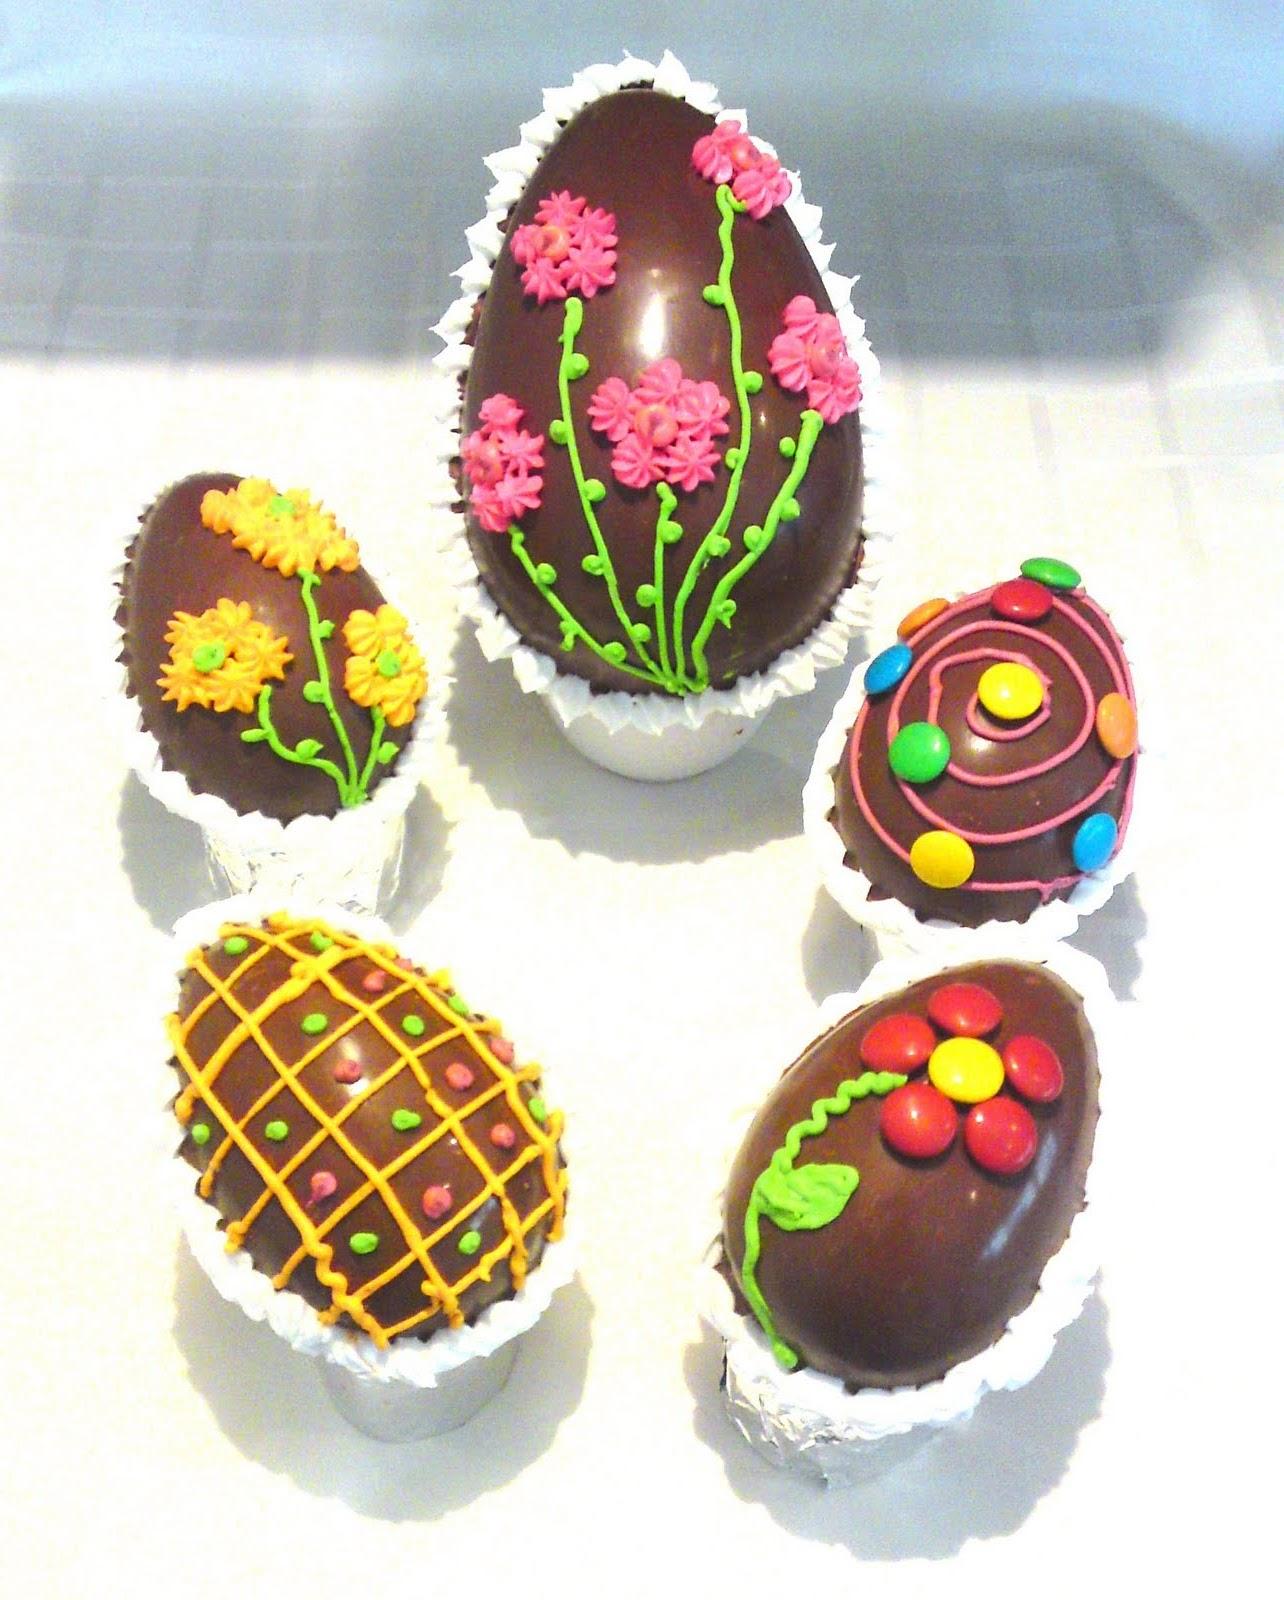 Receta de pascua huevos de pascua recetas de cocina - Videos de huevos de pascua ...